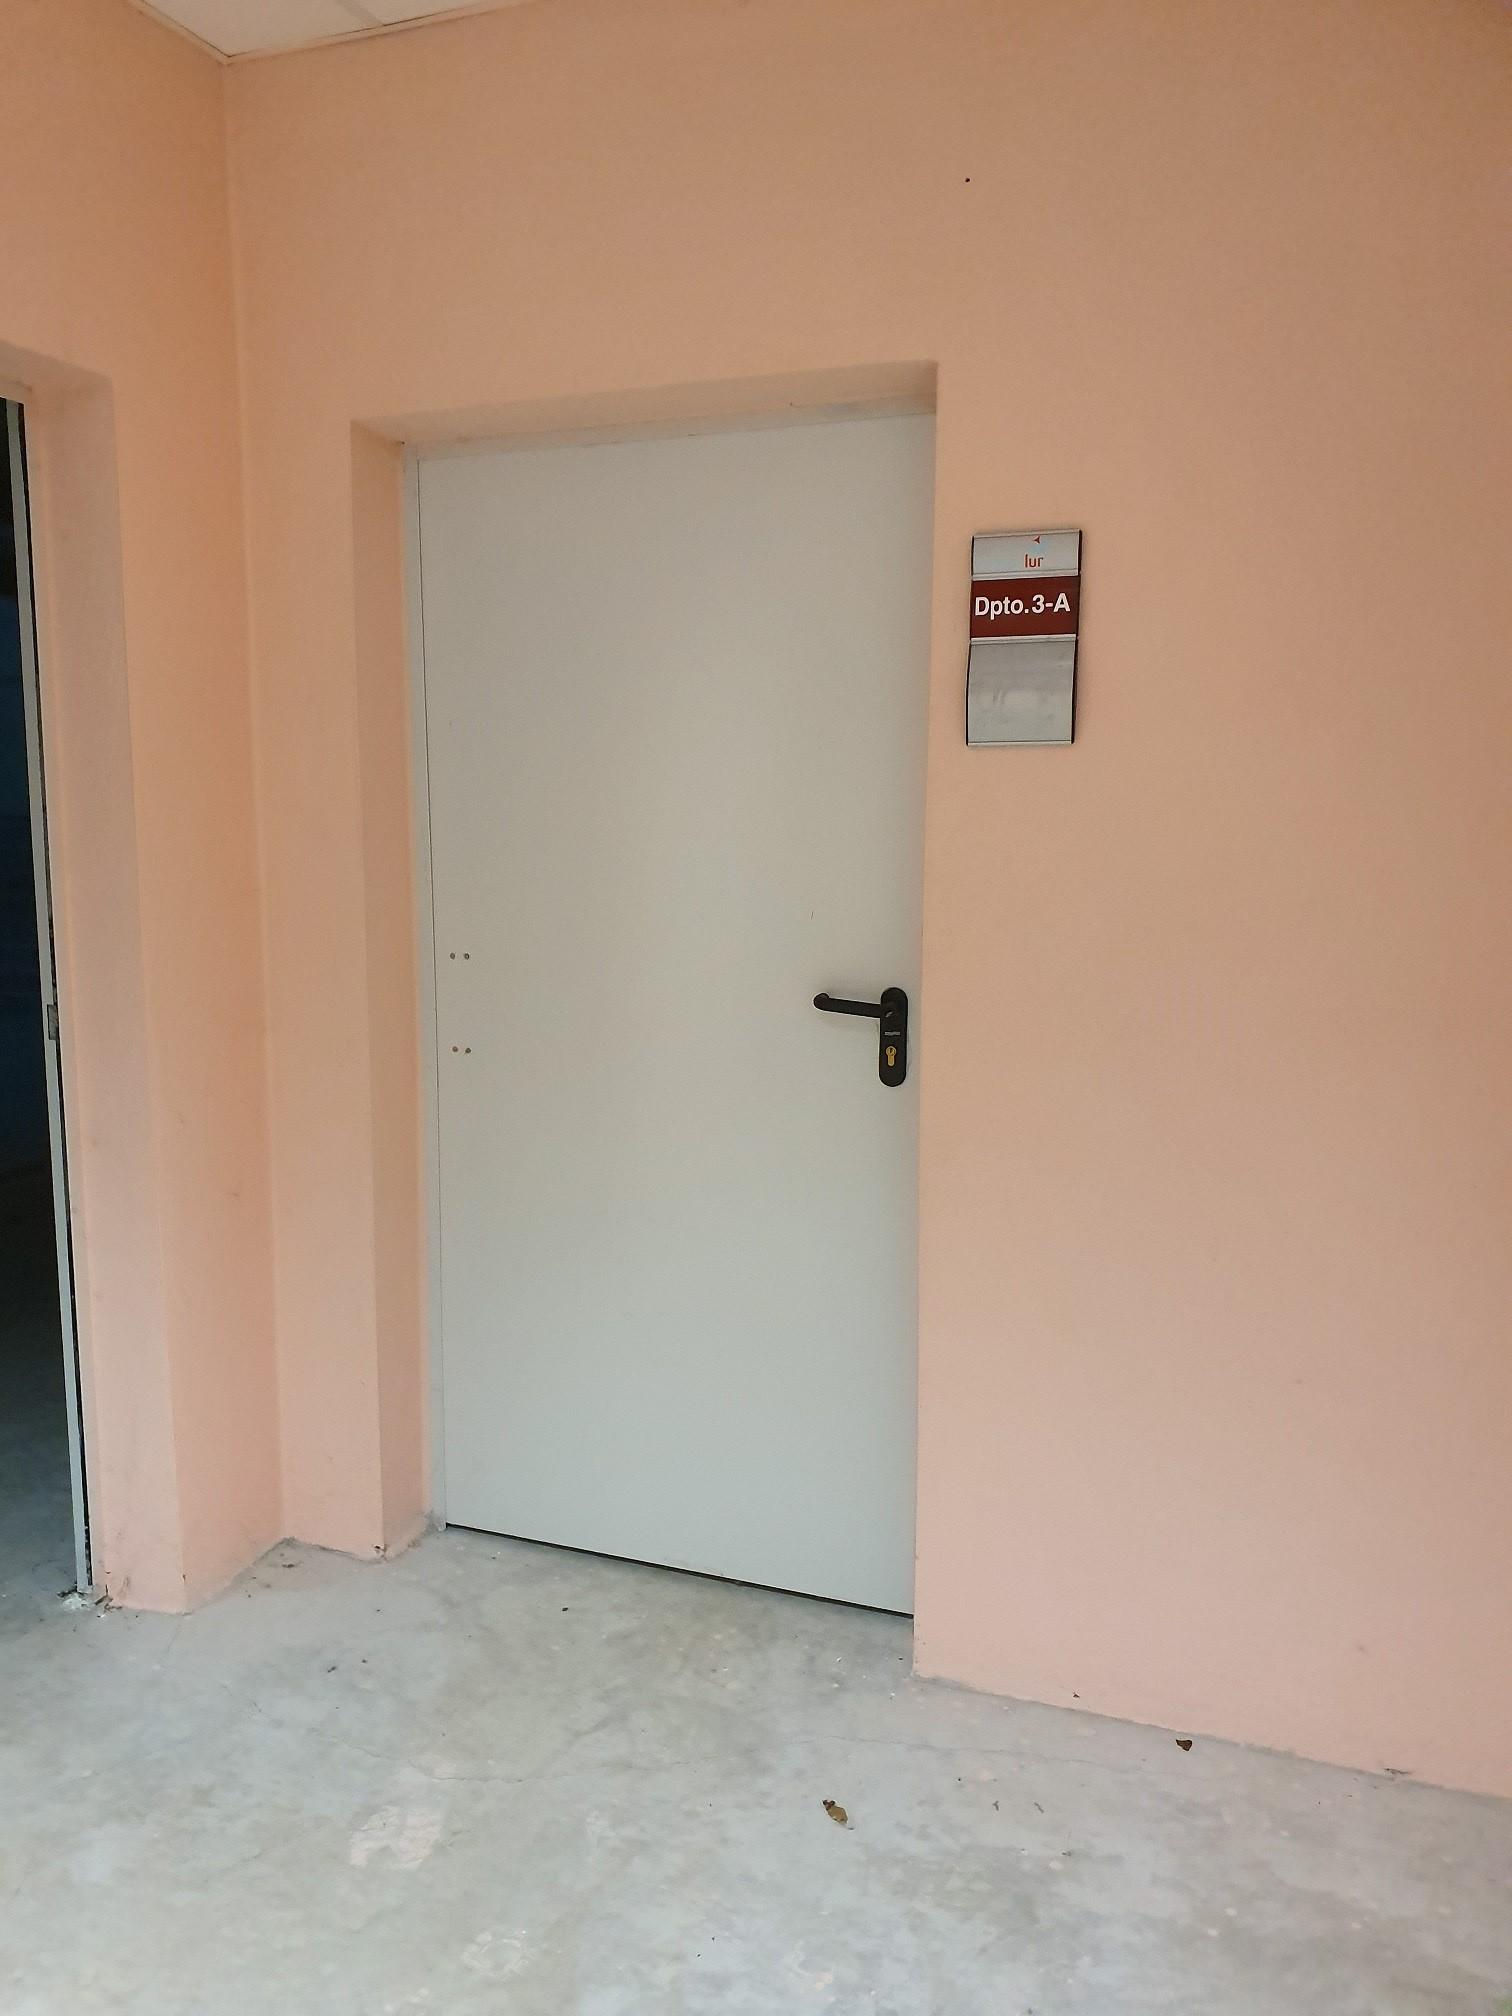 Imagen de Edificio C 34-2/3A, Polígono Industrial Matsaria – Eibar (Gipuzkoa)